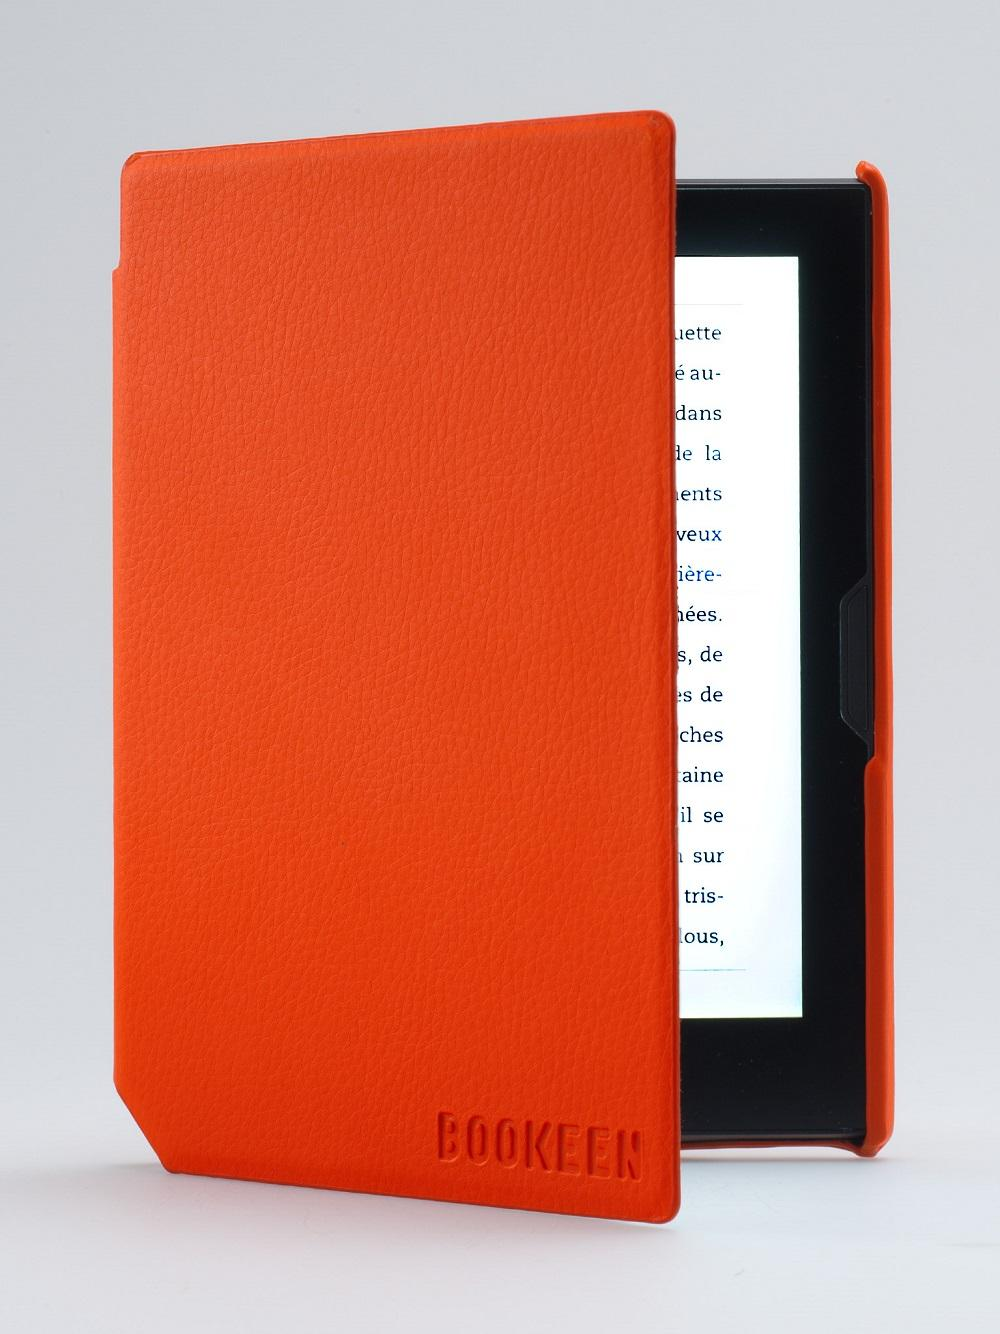 Калъф BOOKEEN за eBook четец Cybook Muse, 6 inch, оранжев